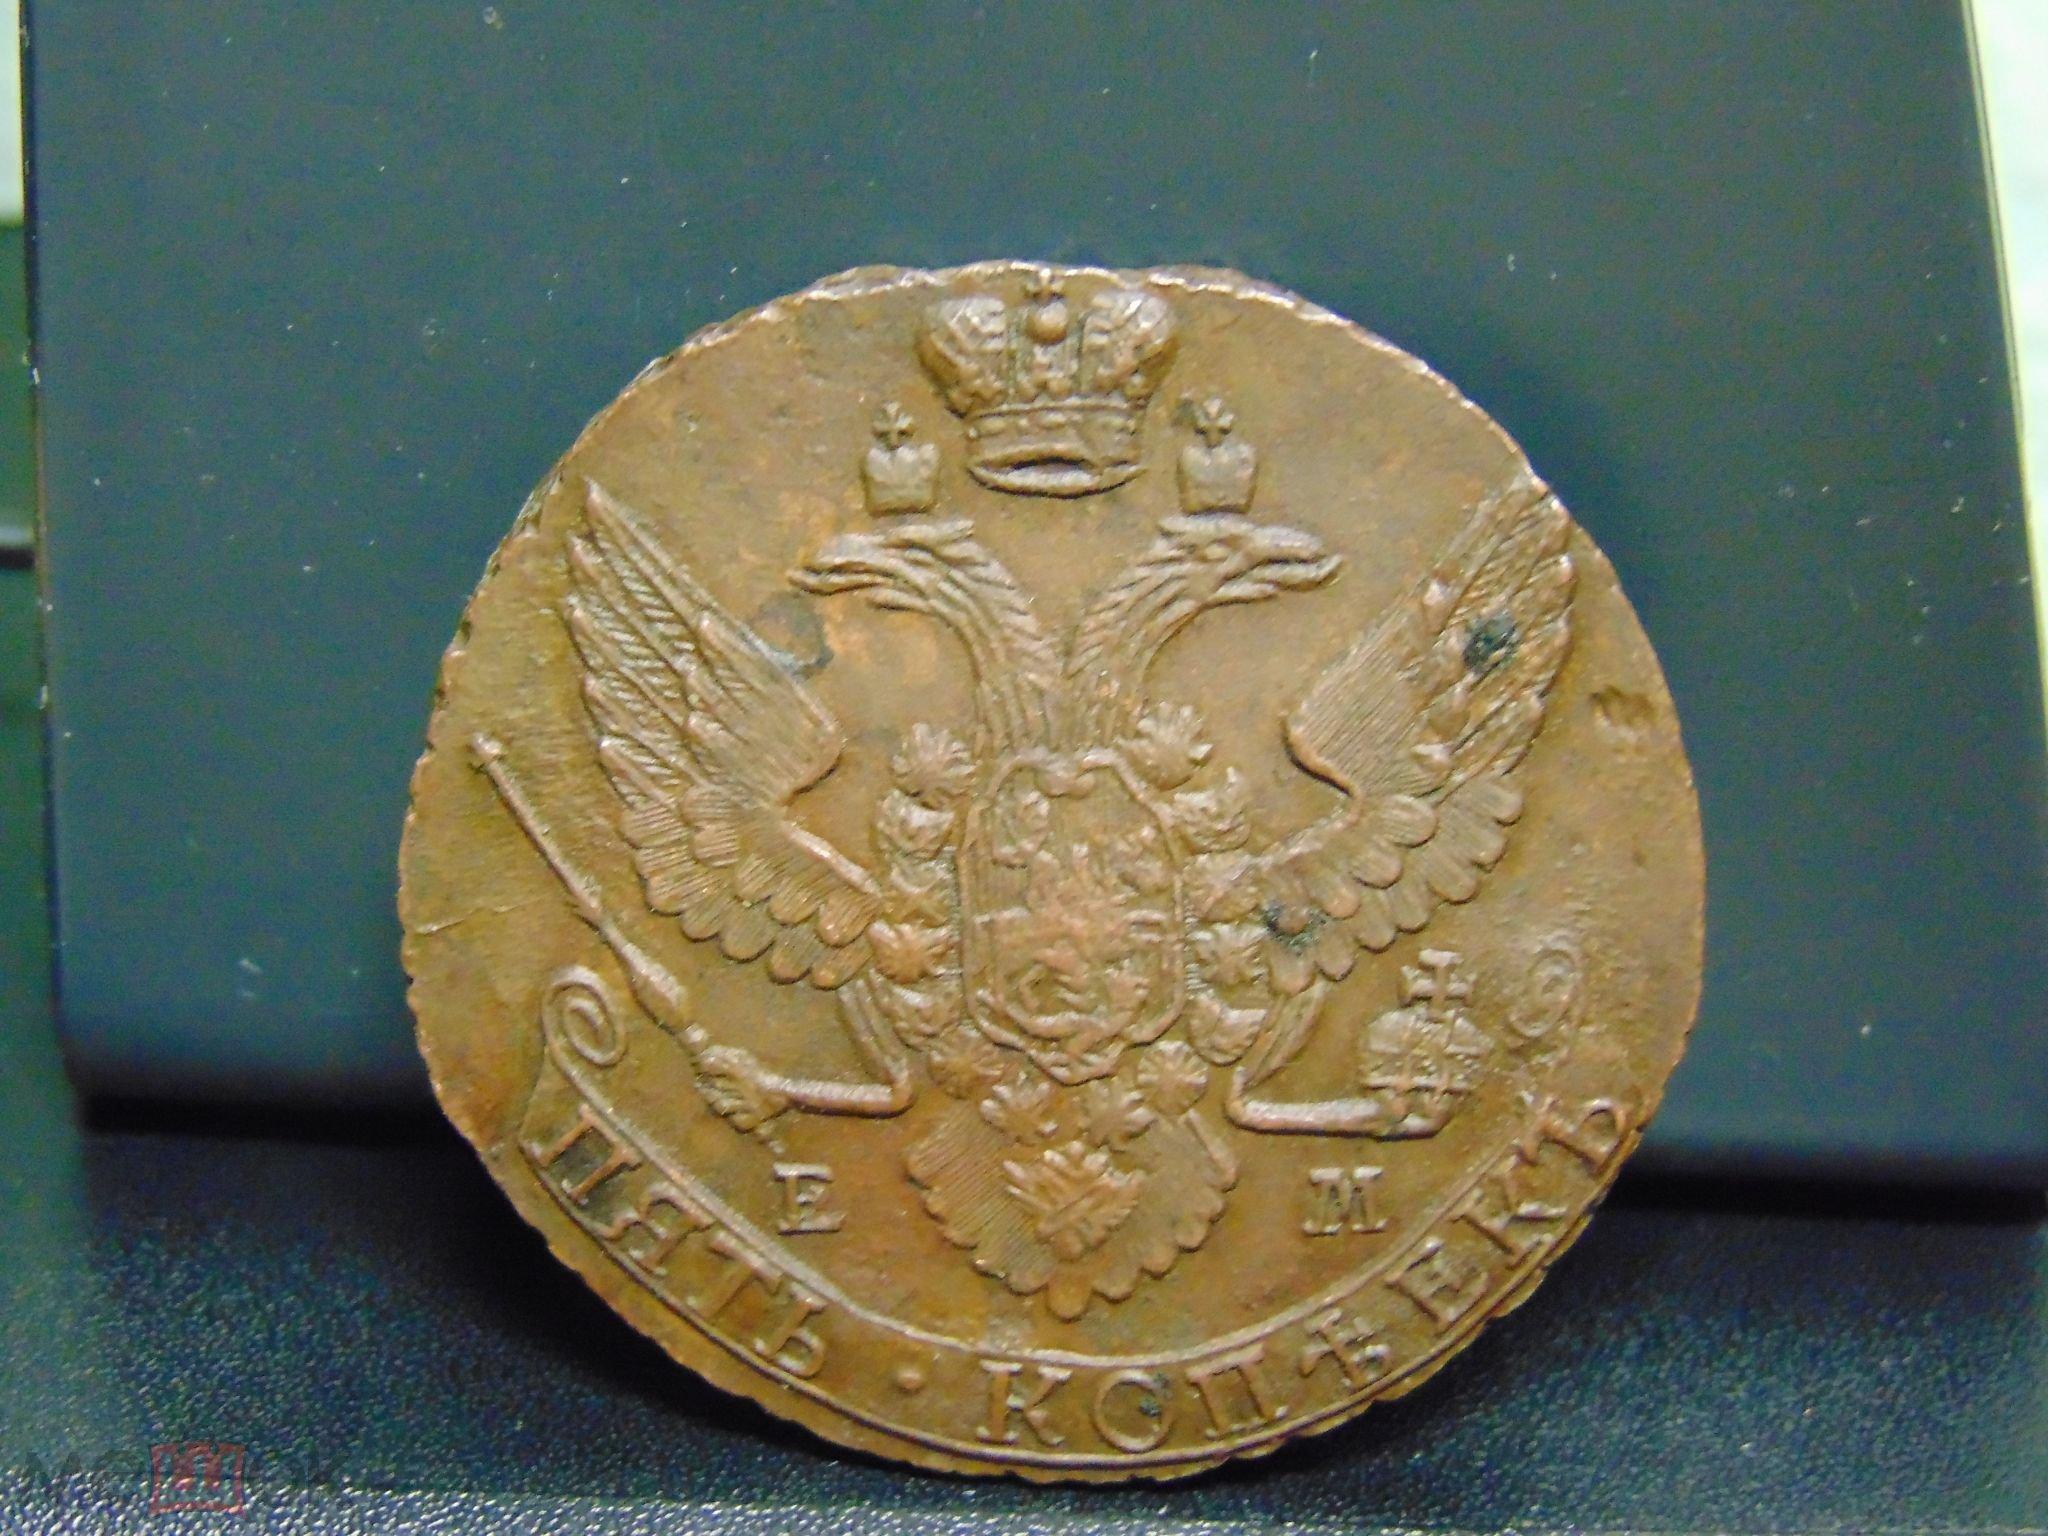 Пять копеек 1792 года цена серебряная монета футбол 2018 цена